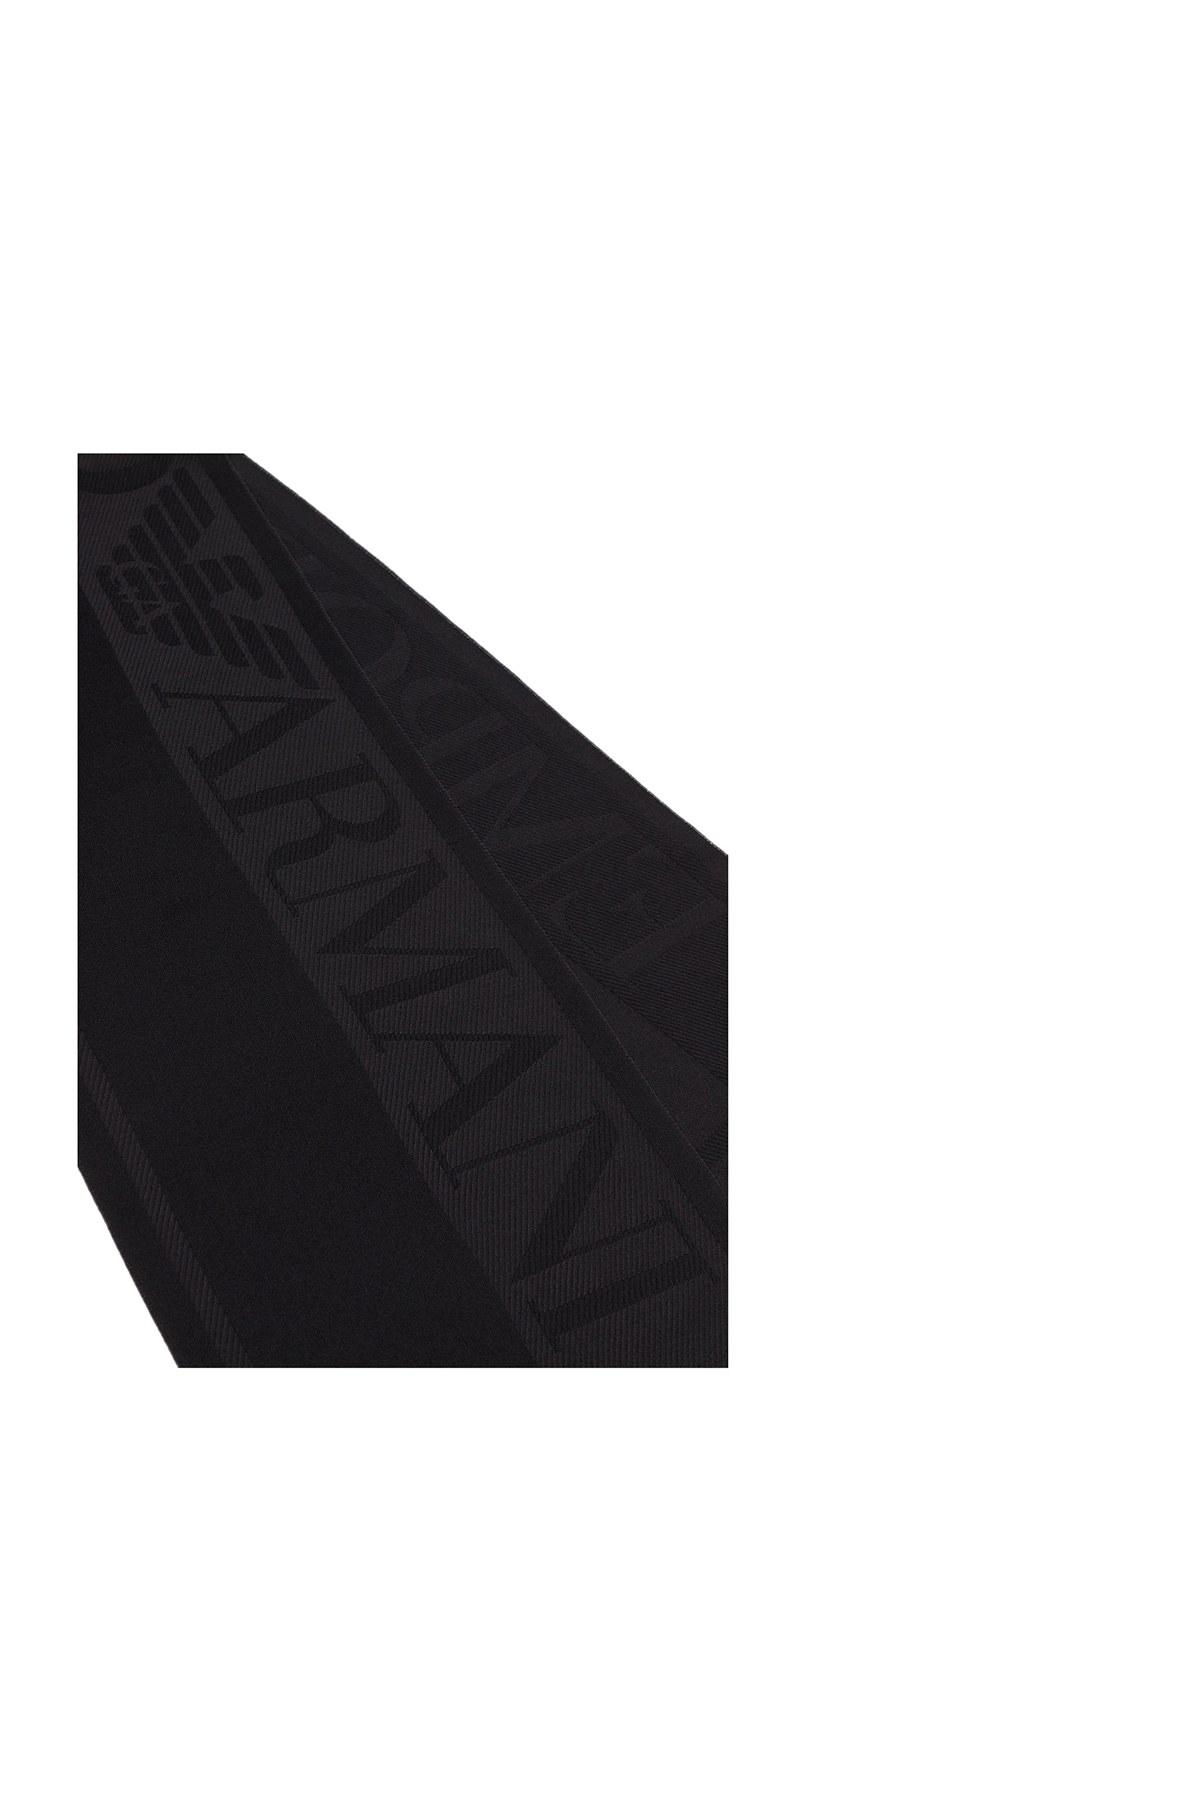 Emporio Armani Logo Baskılı % 100 Yün Erkek Şal 625034 0A334 00020 SİYAH